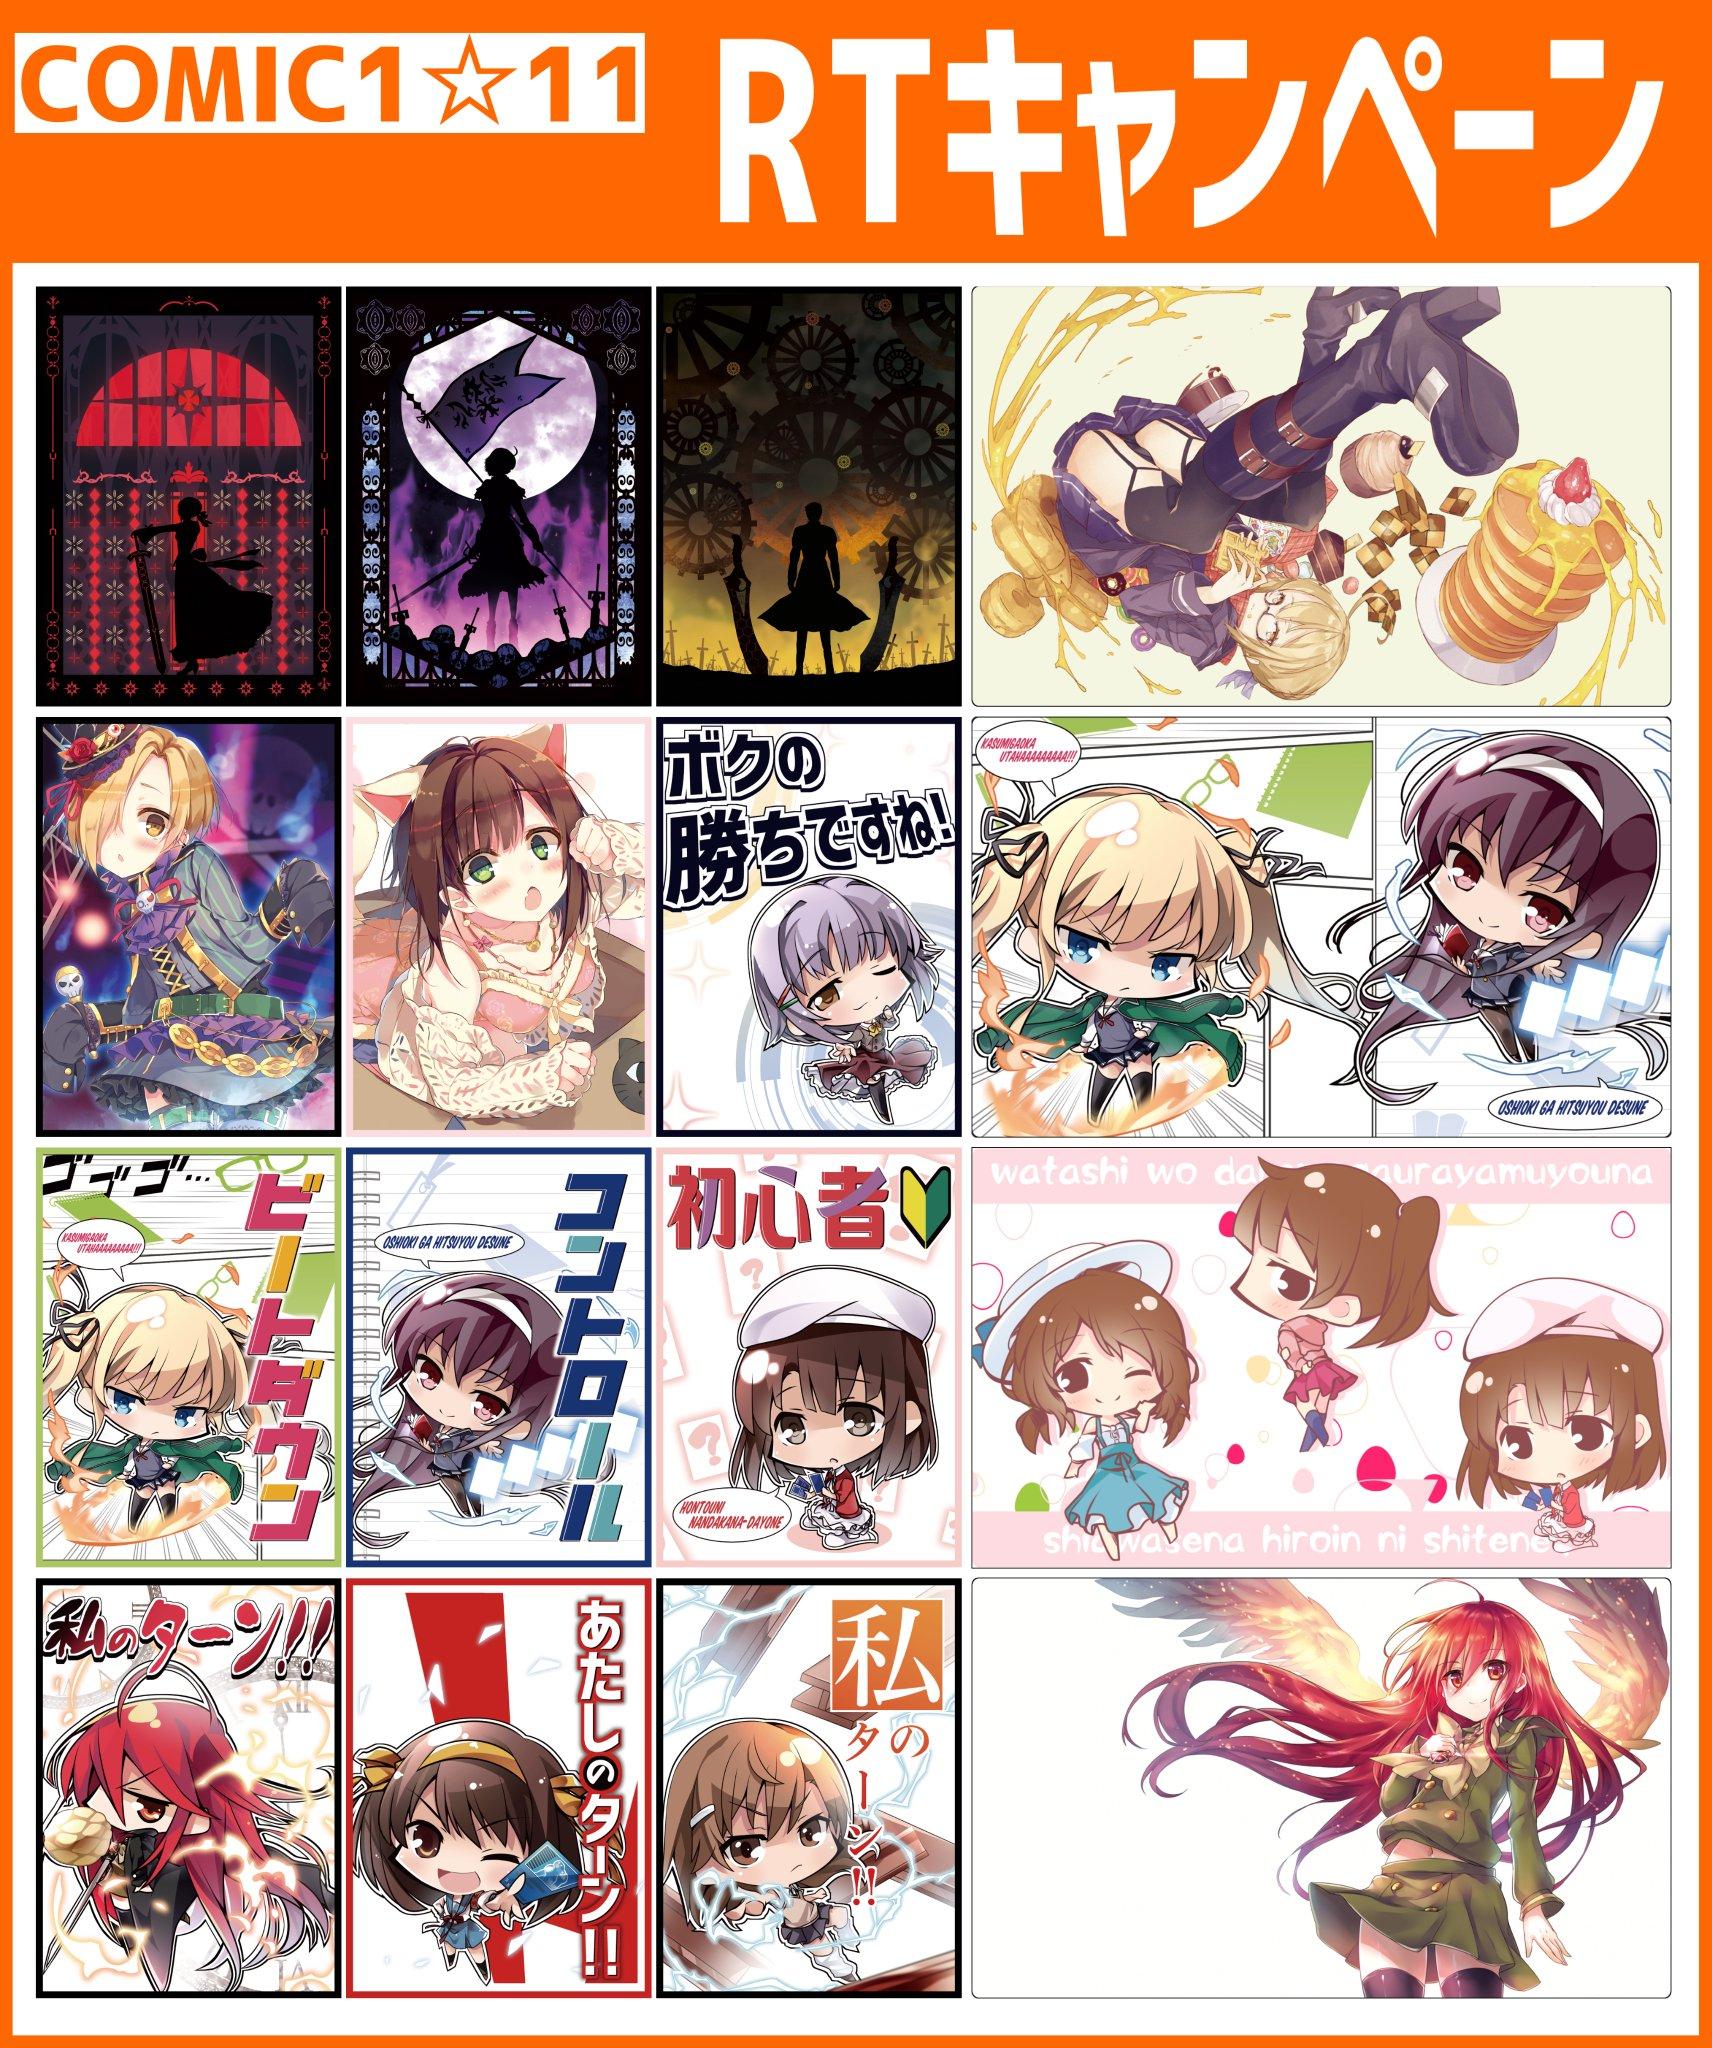 comic1-11-sunpan-017.jpg